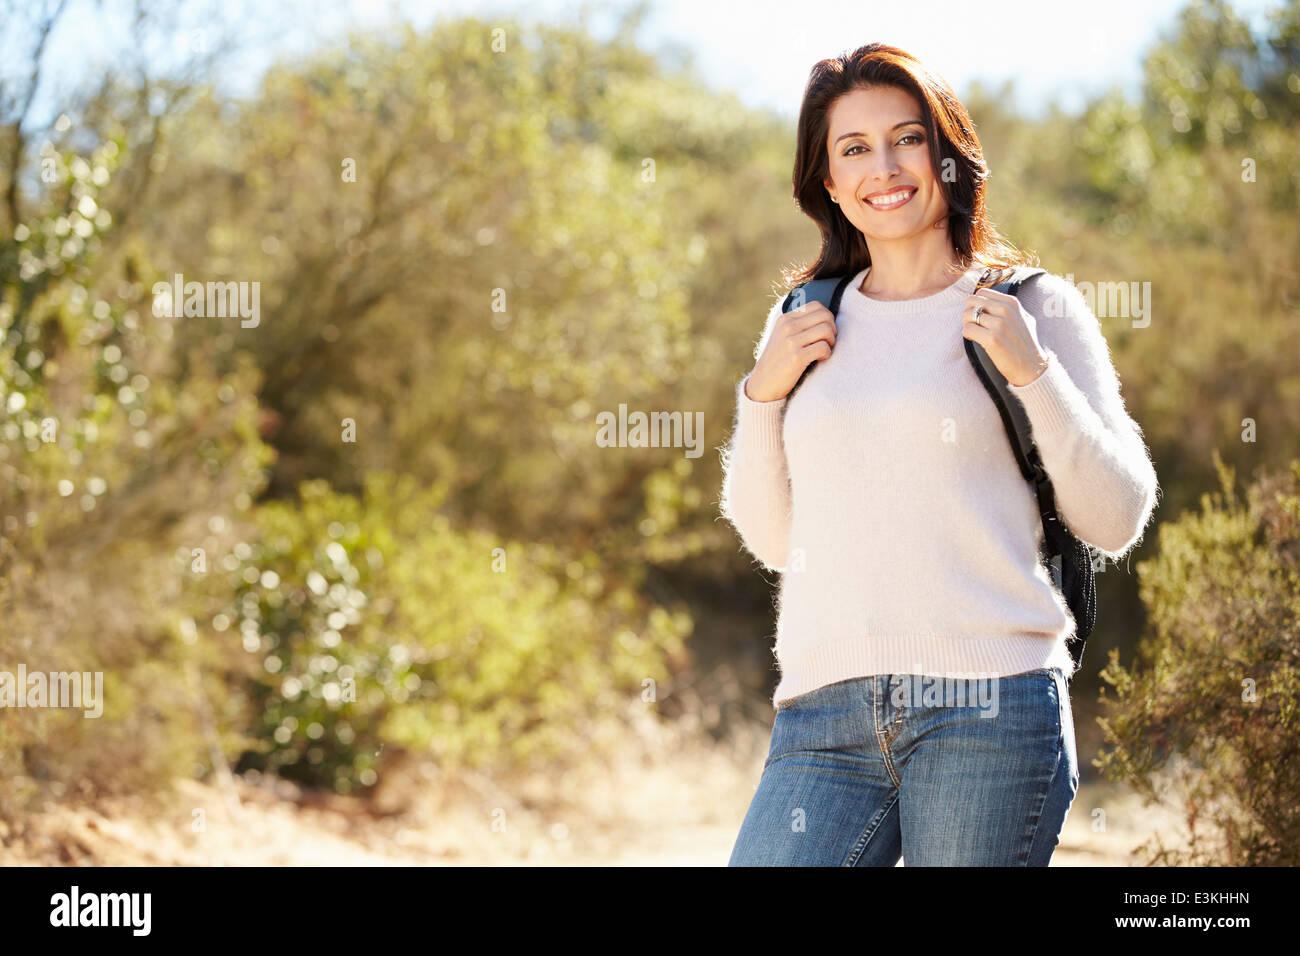 Retrato de mujer en medio del campo, vistiendo mochila de senderismo Imagen De Stock